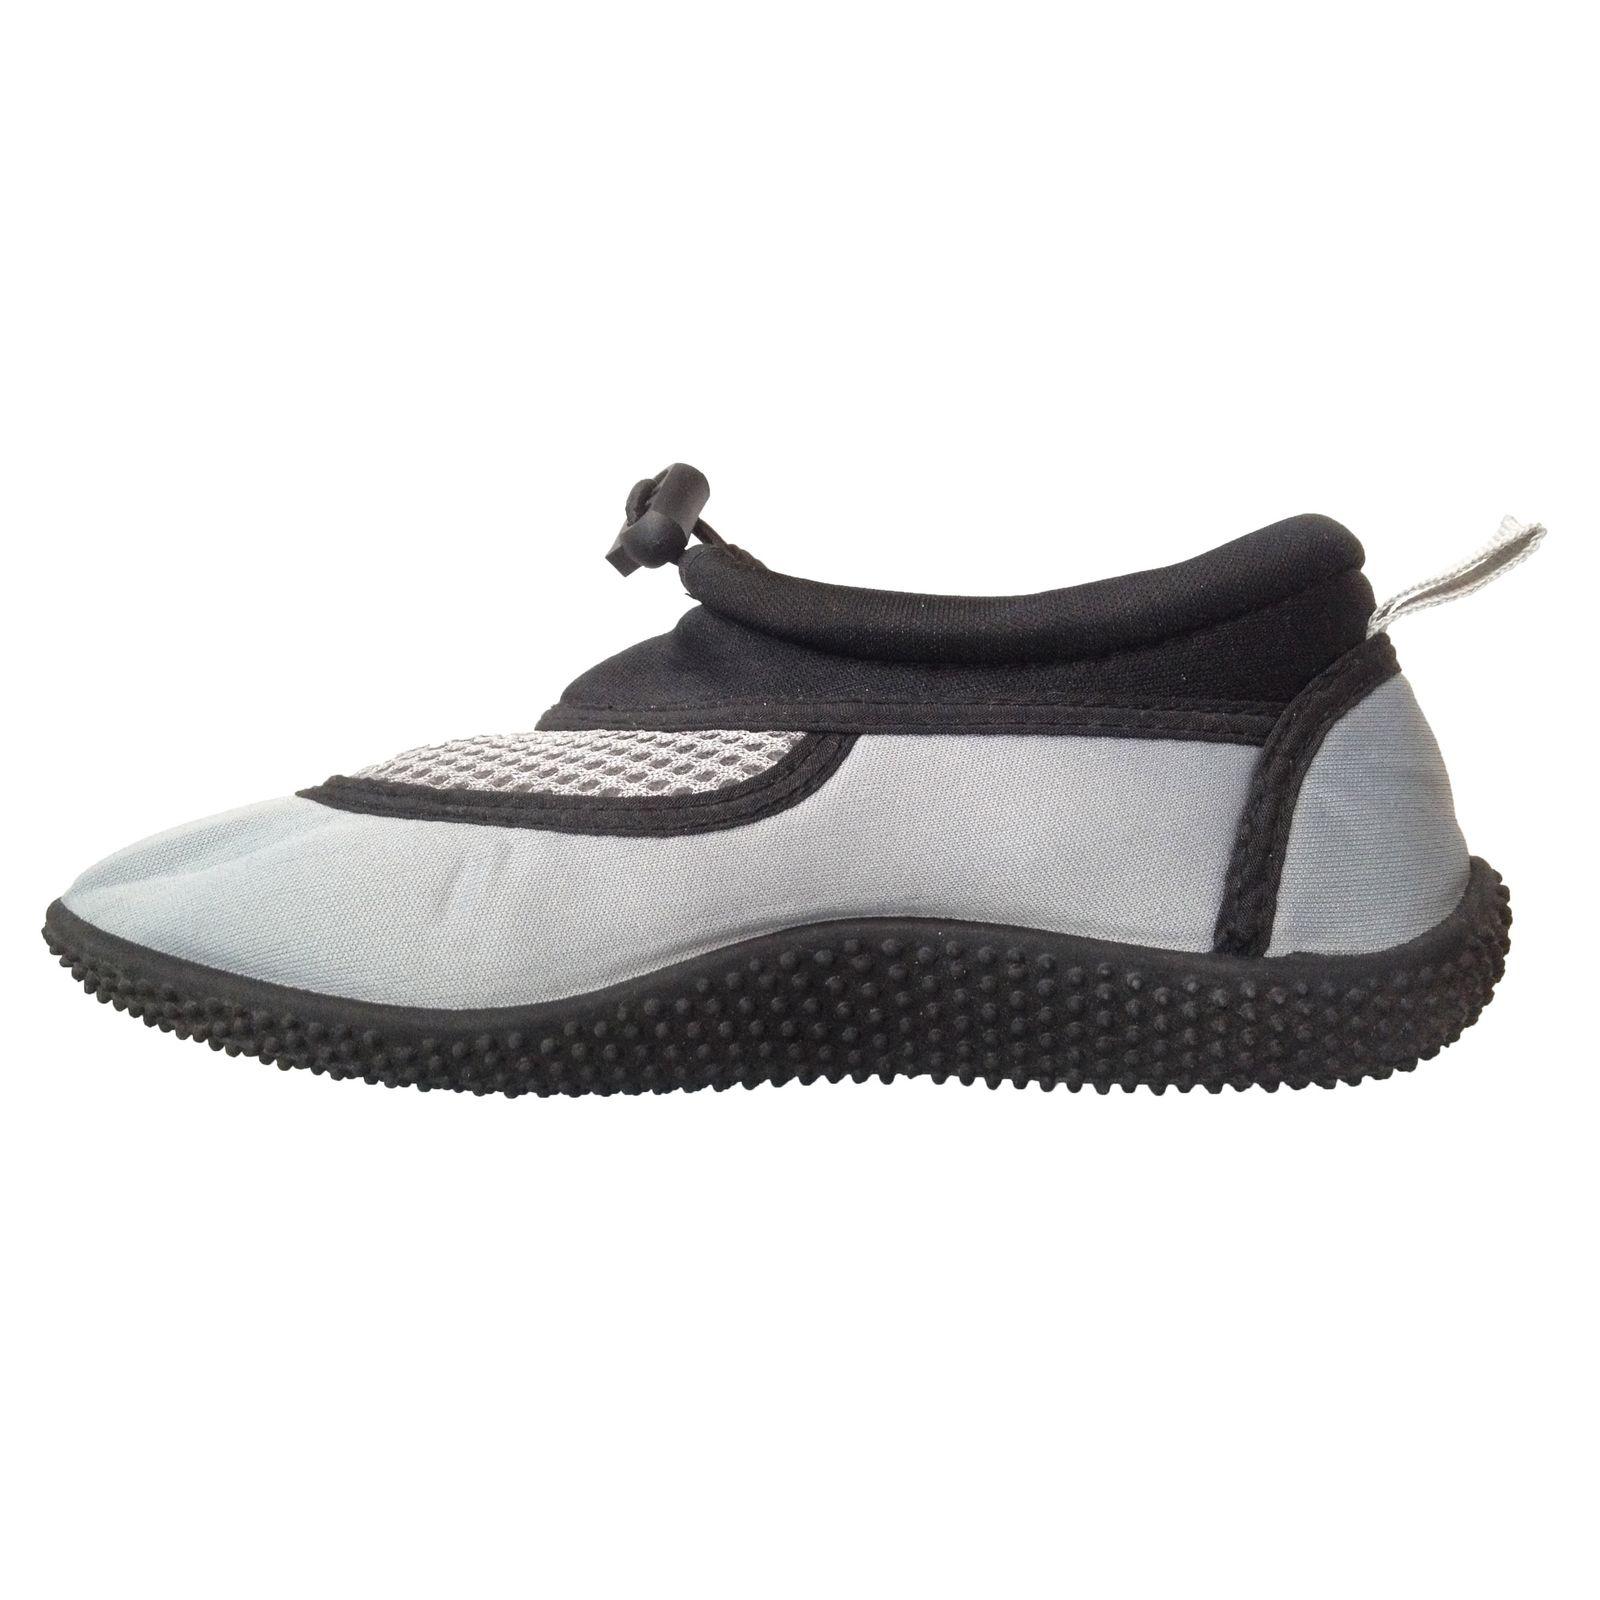 کفش ساحلی  لوپیلو مدل IAN 302623 -  - 2